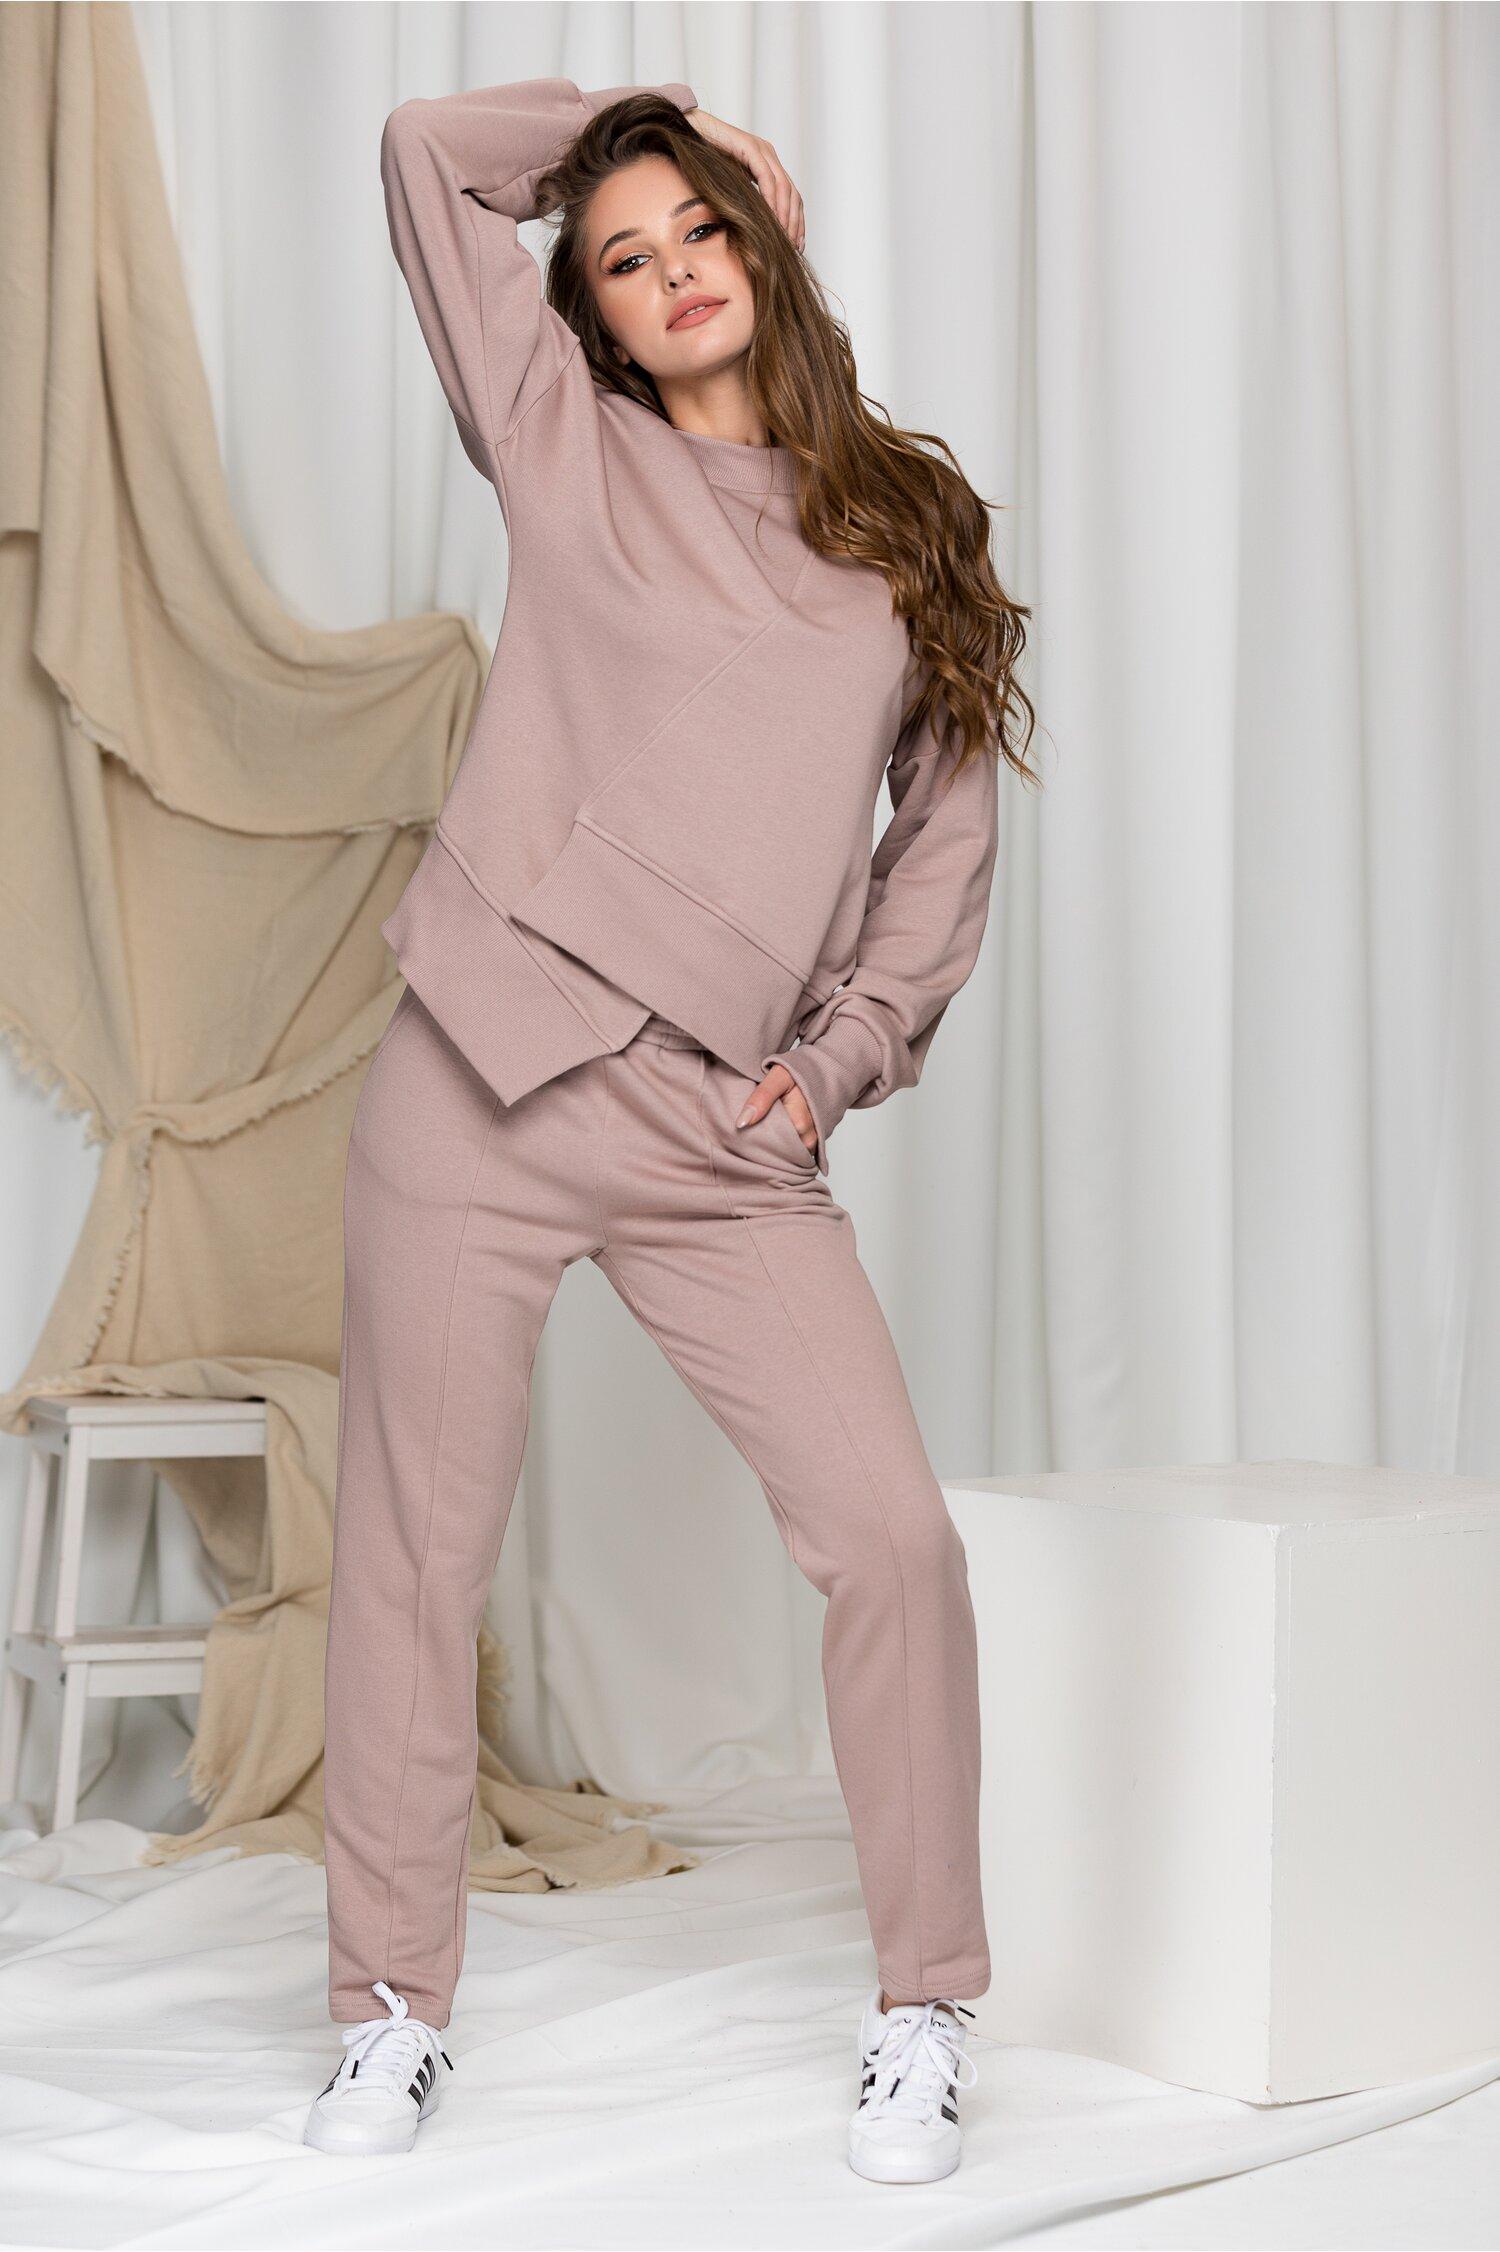 Compleu sport LaDonna rose taupe cu design in colt la baza bluzei